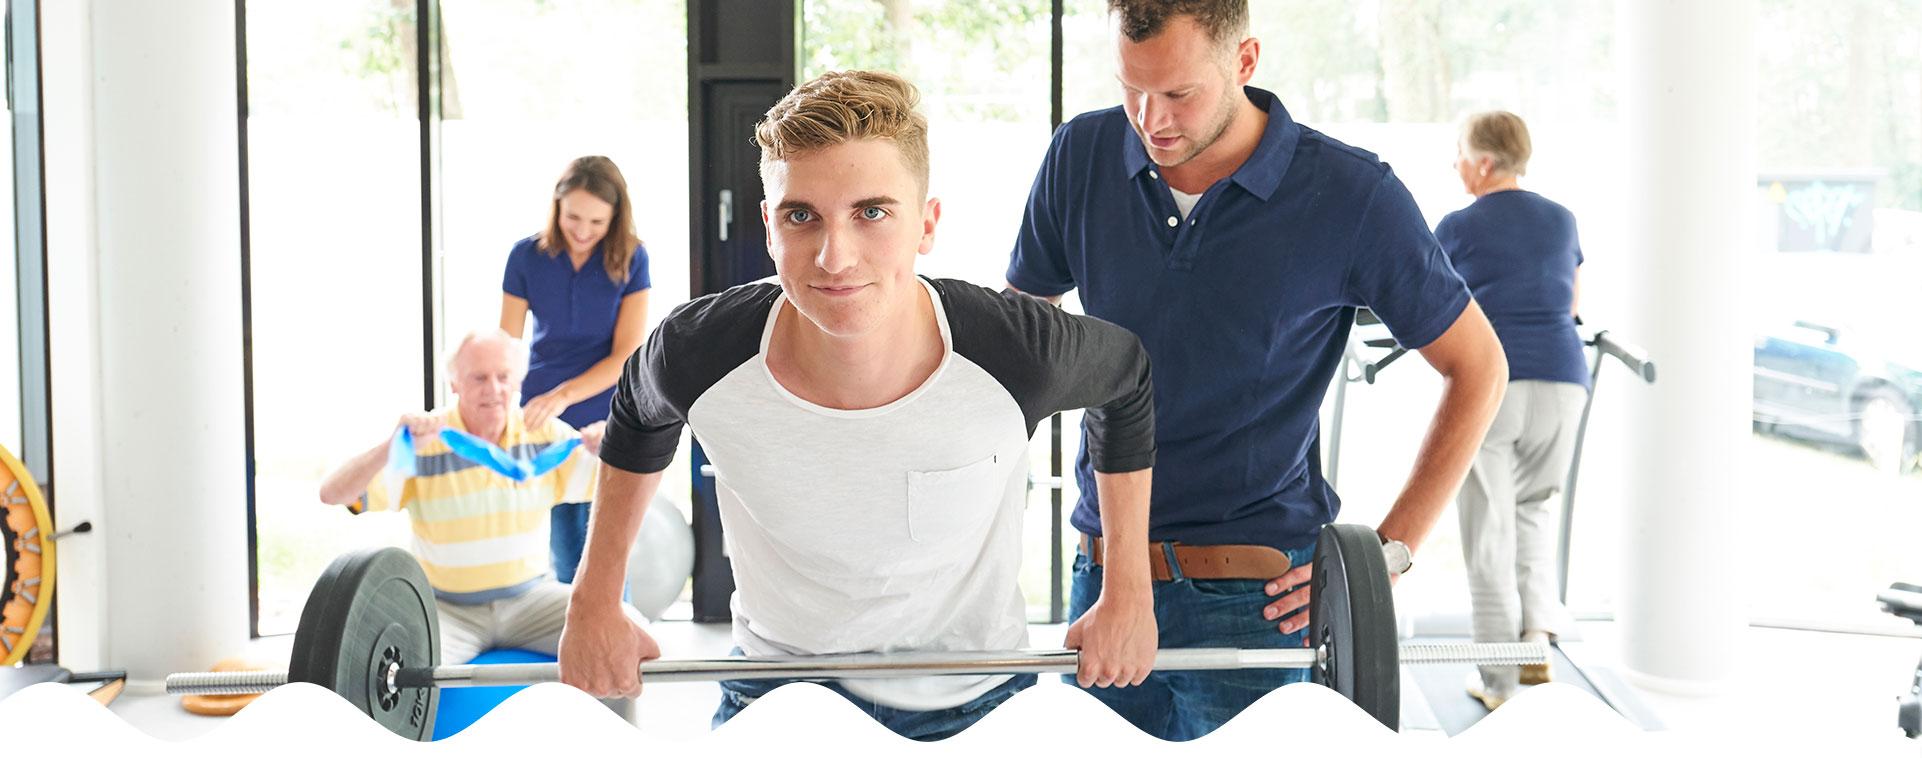 Jongen met gewichten tijdens sporten in zaal | Fysio Stenia Zeist